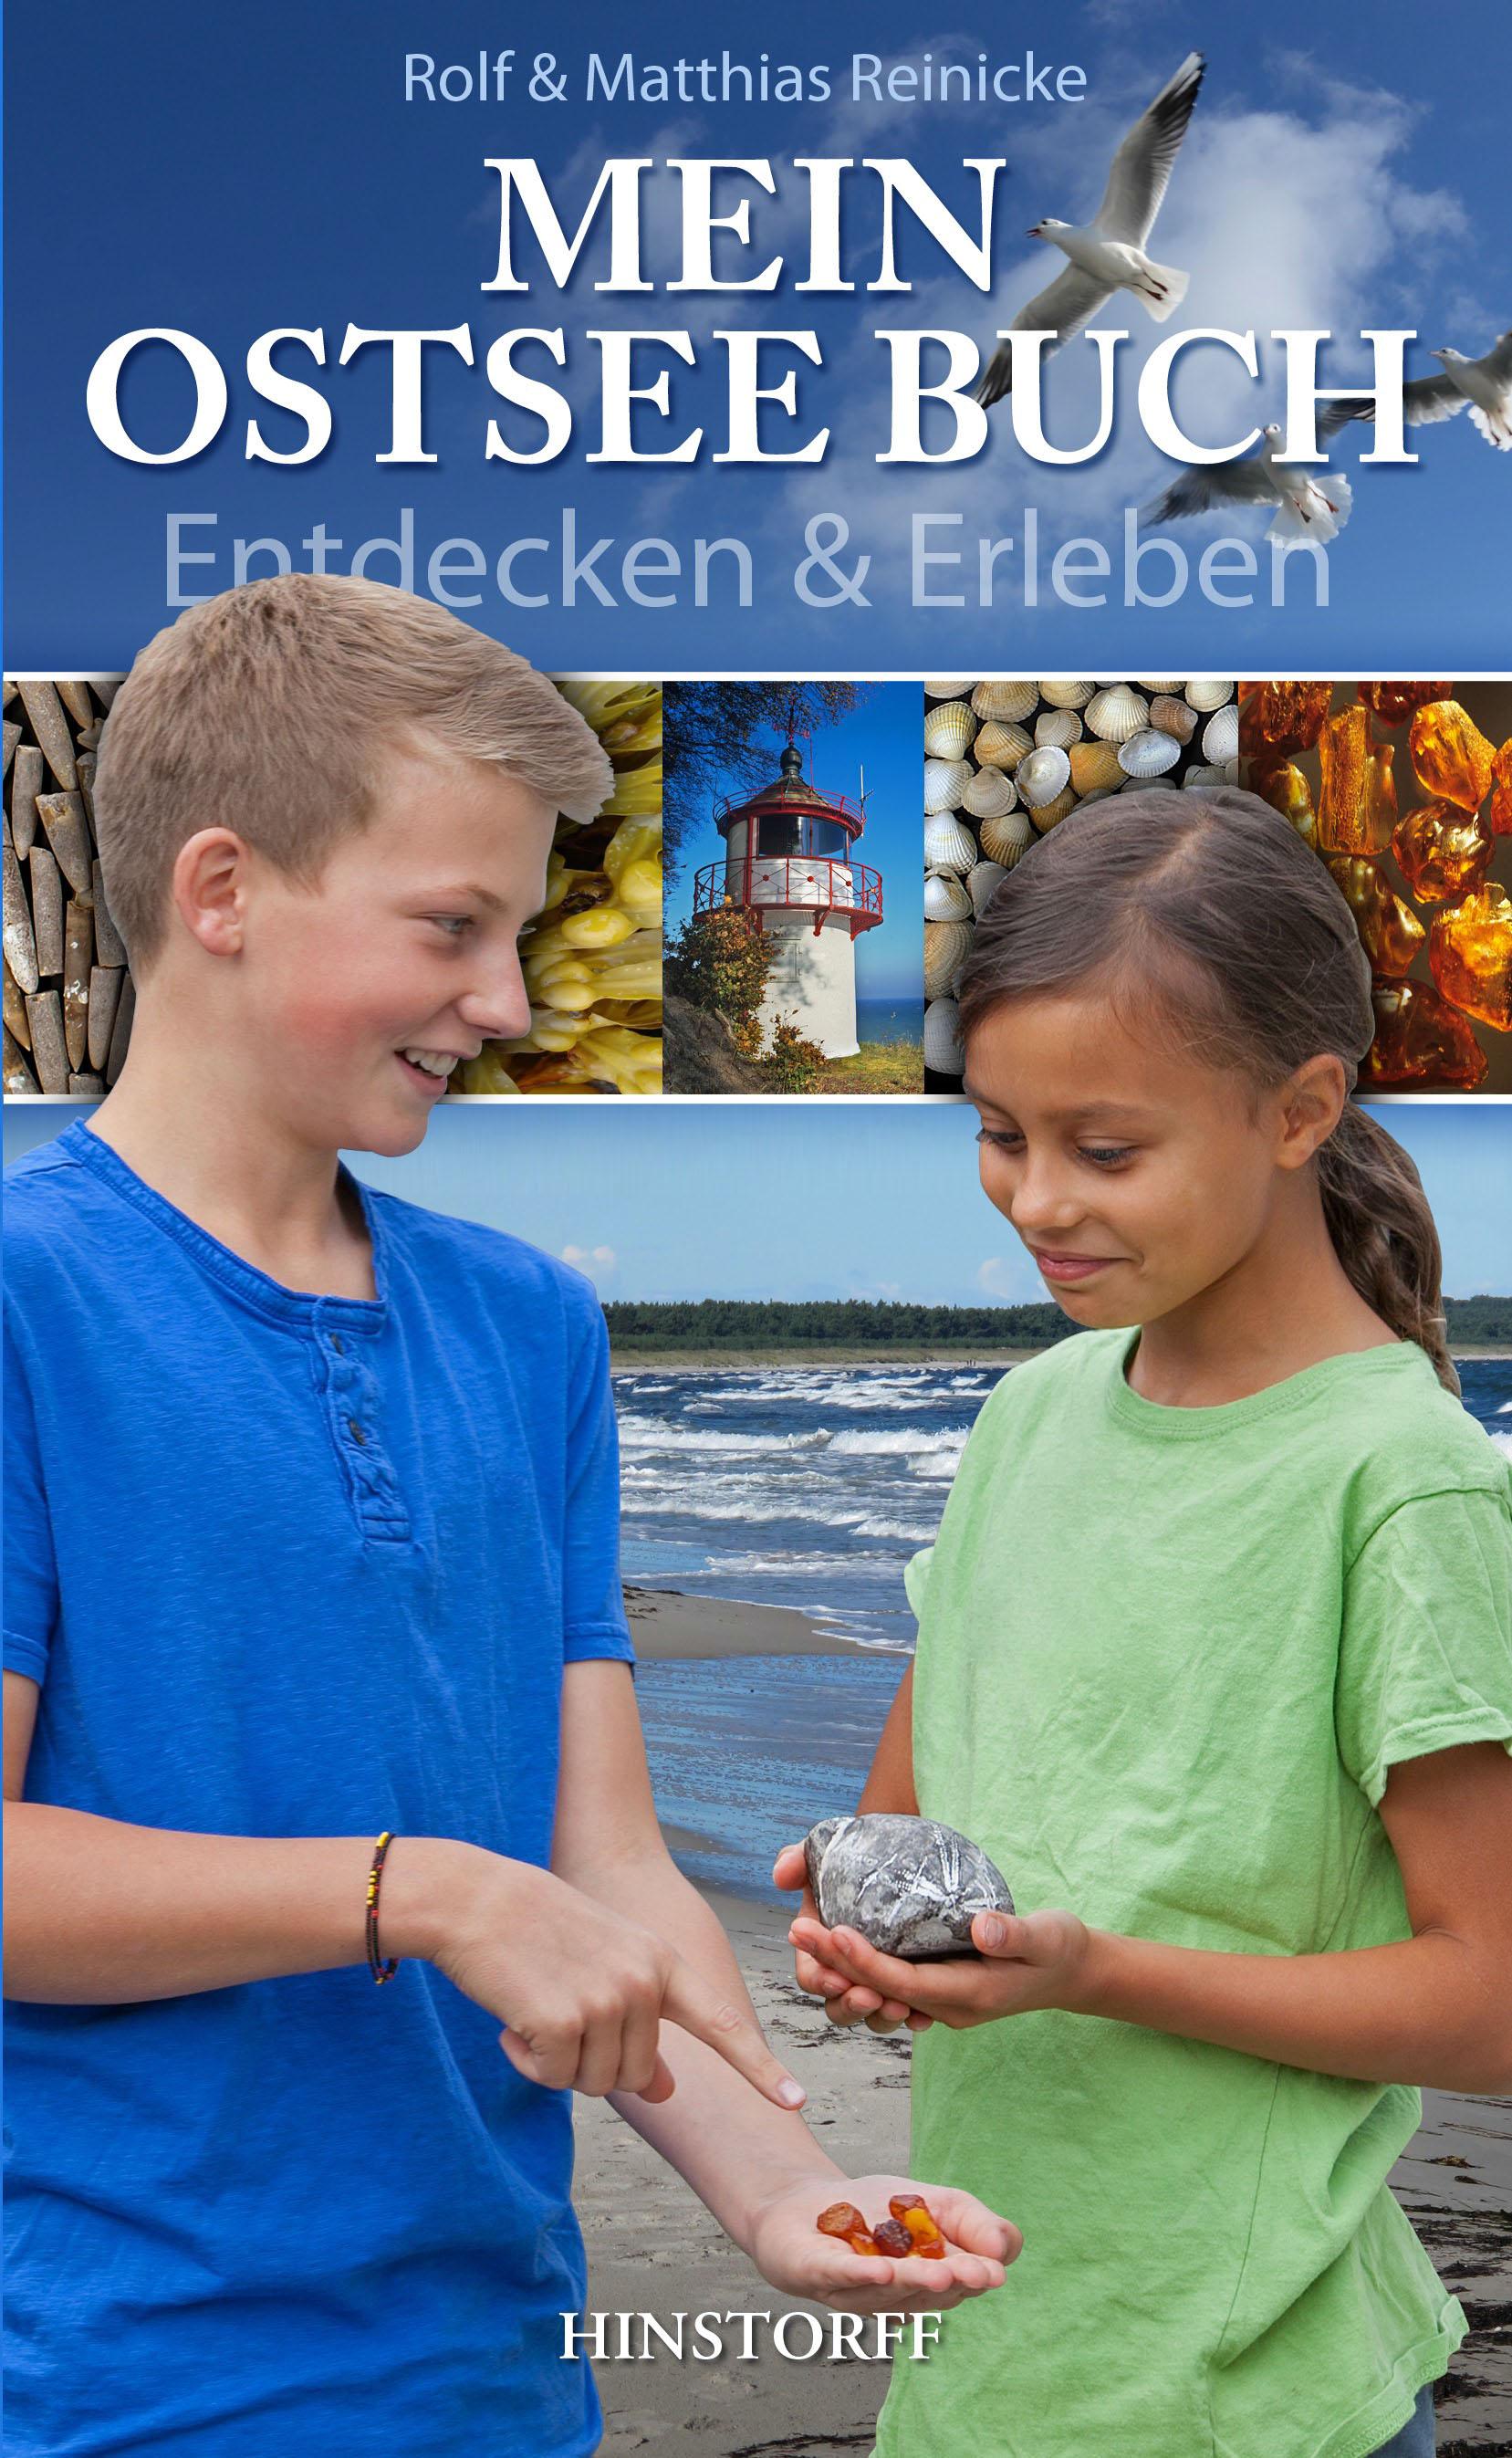 Mein Ostseebuch. Entdecken & Erleben